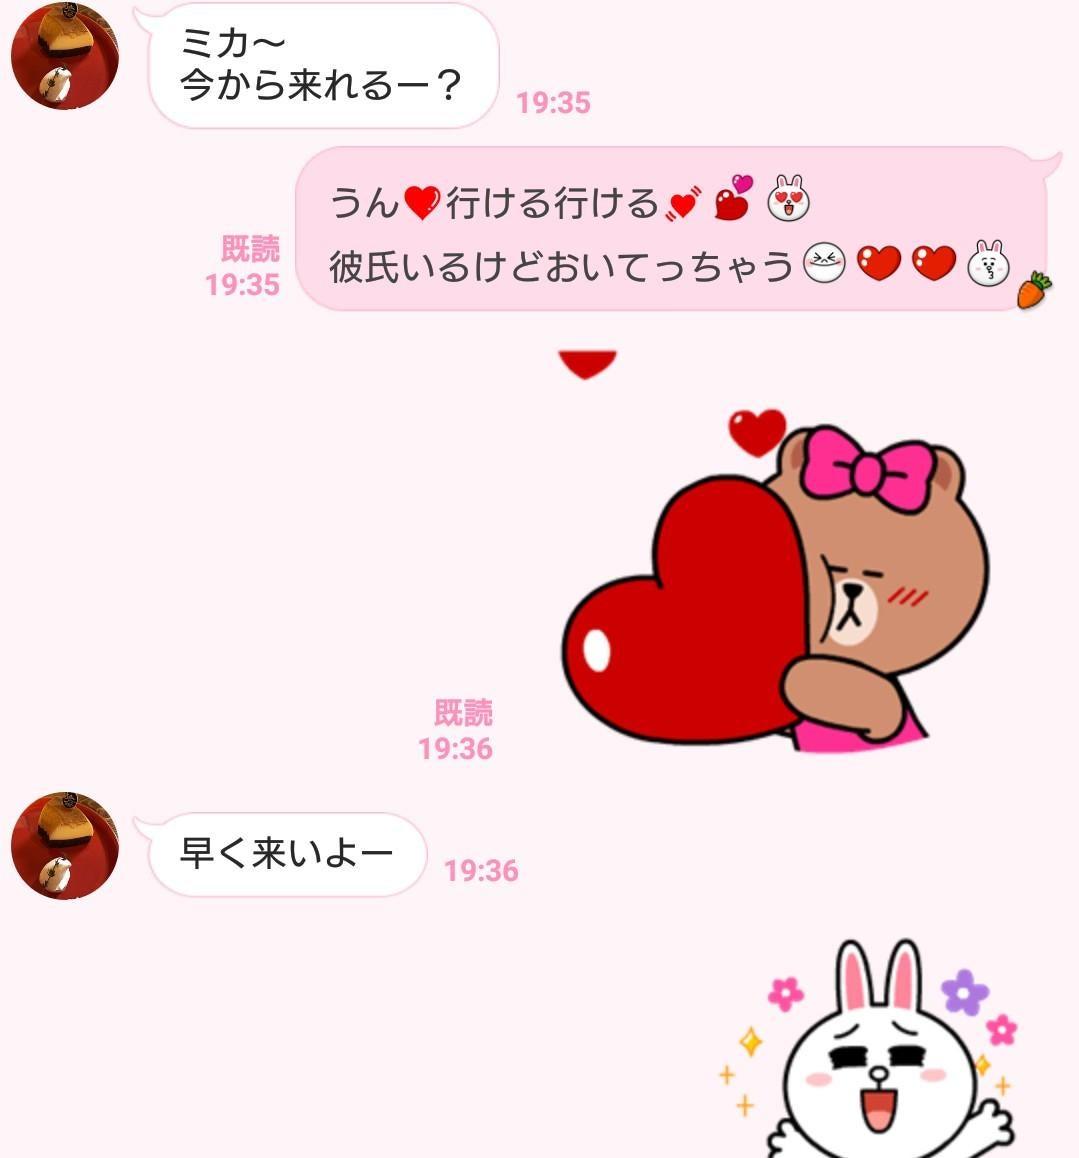 【ここからダウンロード】 Line 男 友達 - 無料 1000+ 畫像コレクション